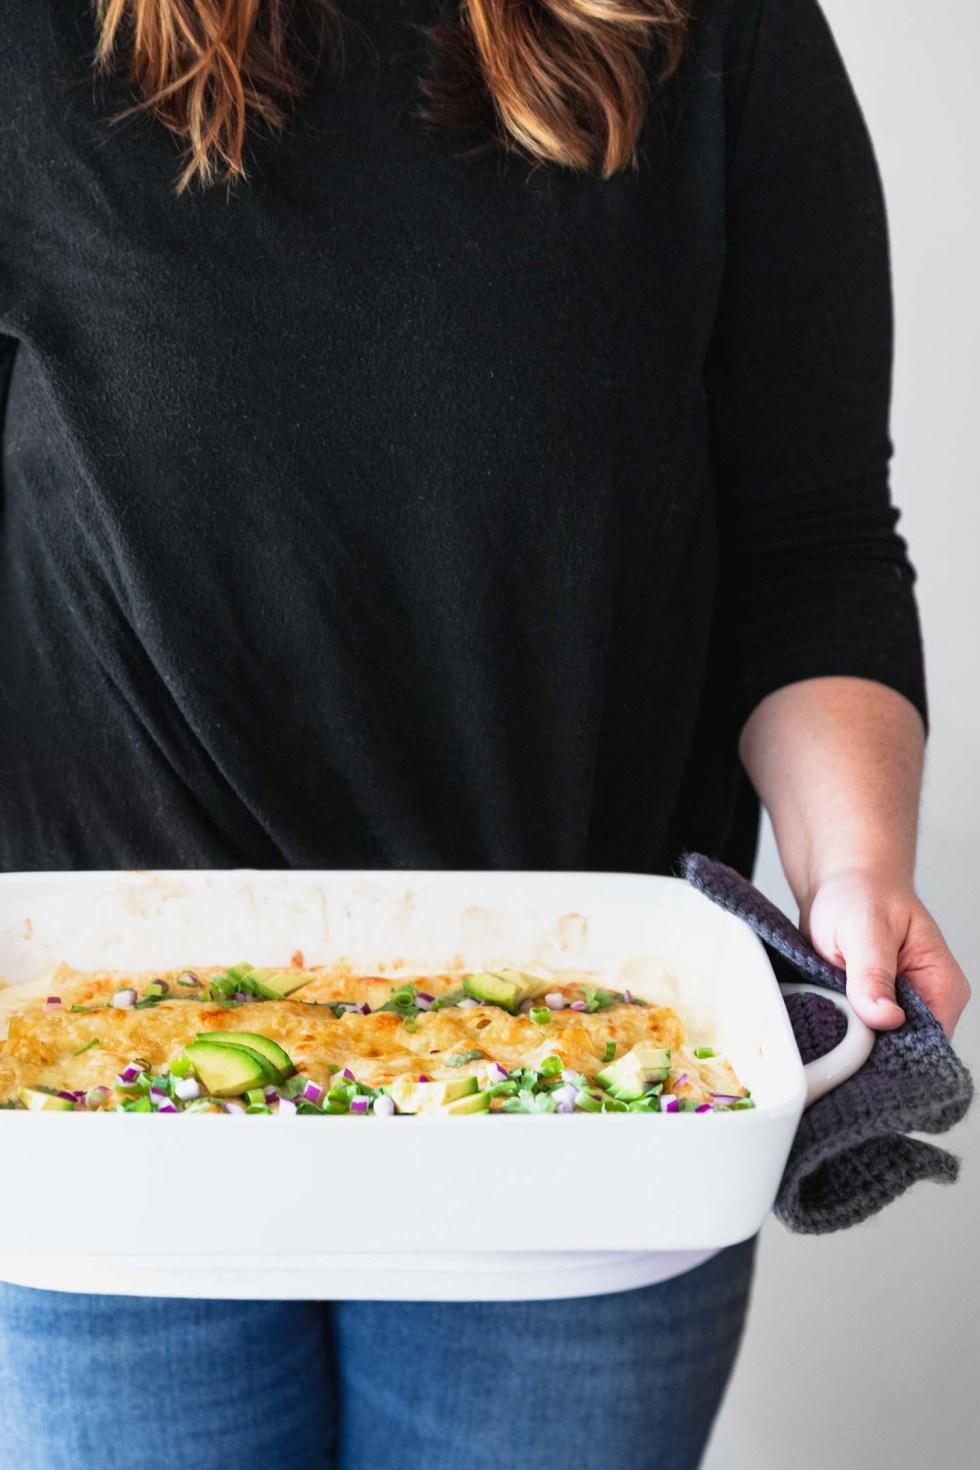 Girl delivering casserole of white chicken enchiladas